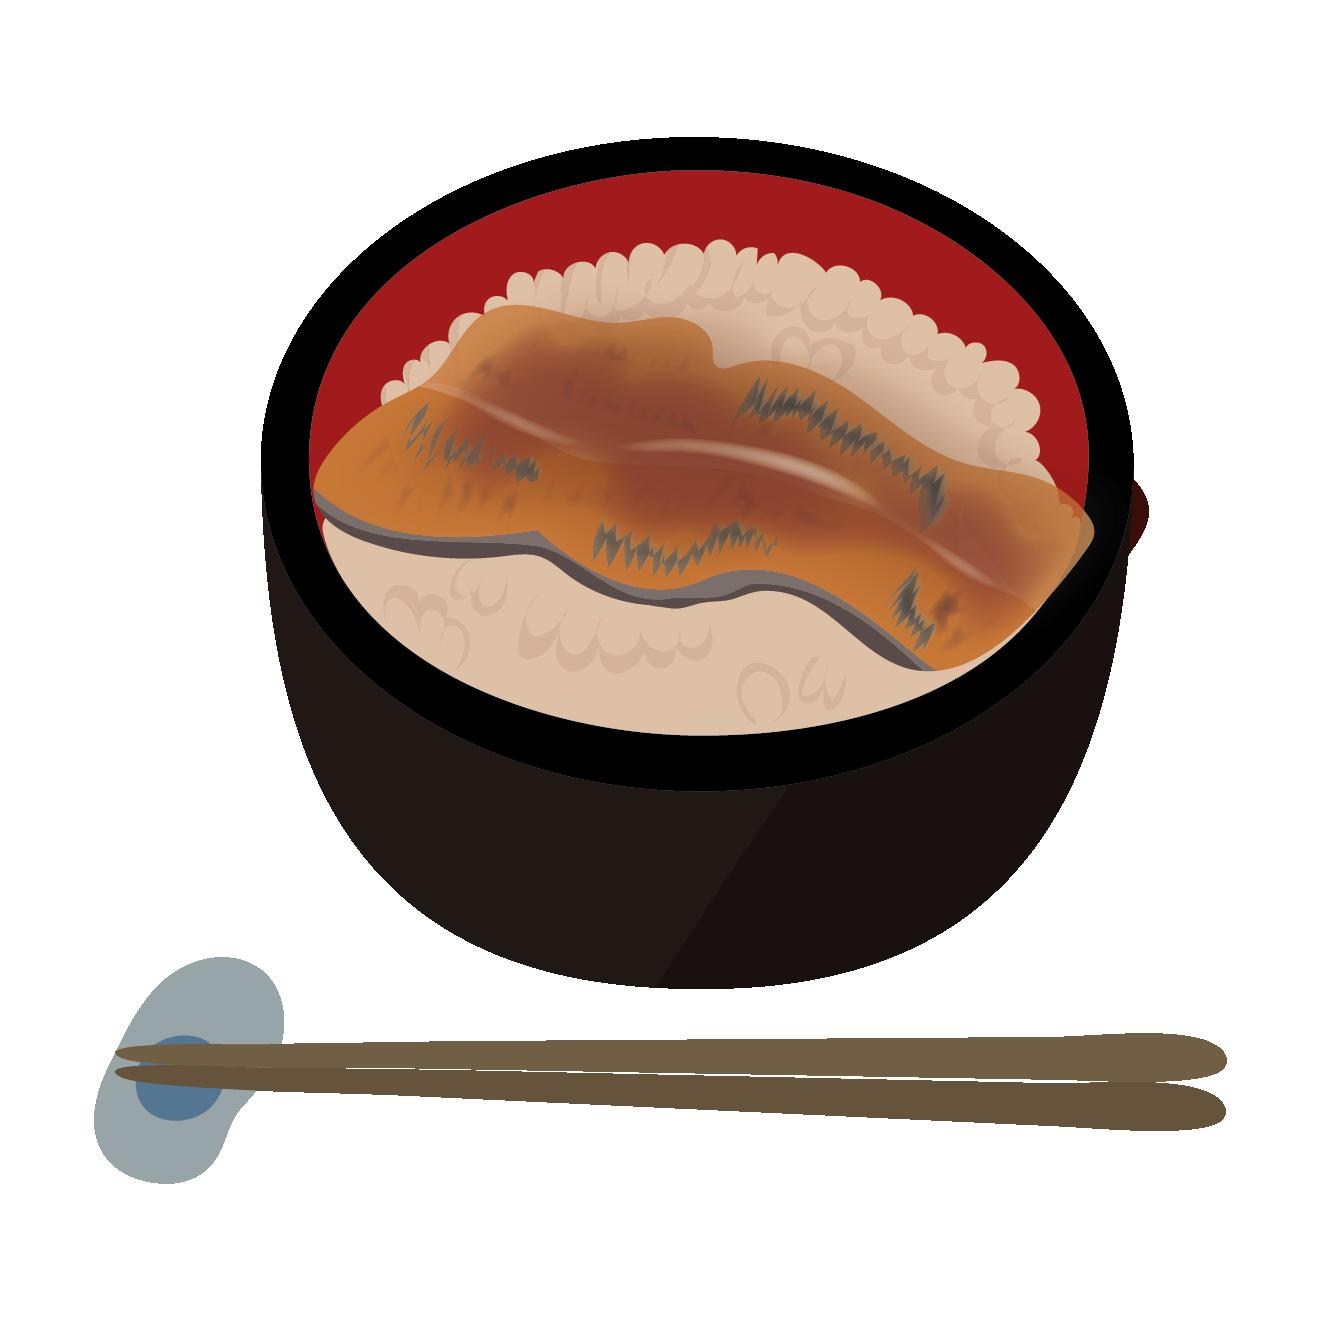 美味しそうな鰻丼うなどんのイラスト土用丑の日 商用フリー